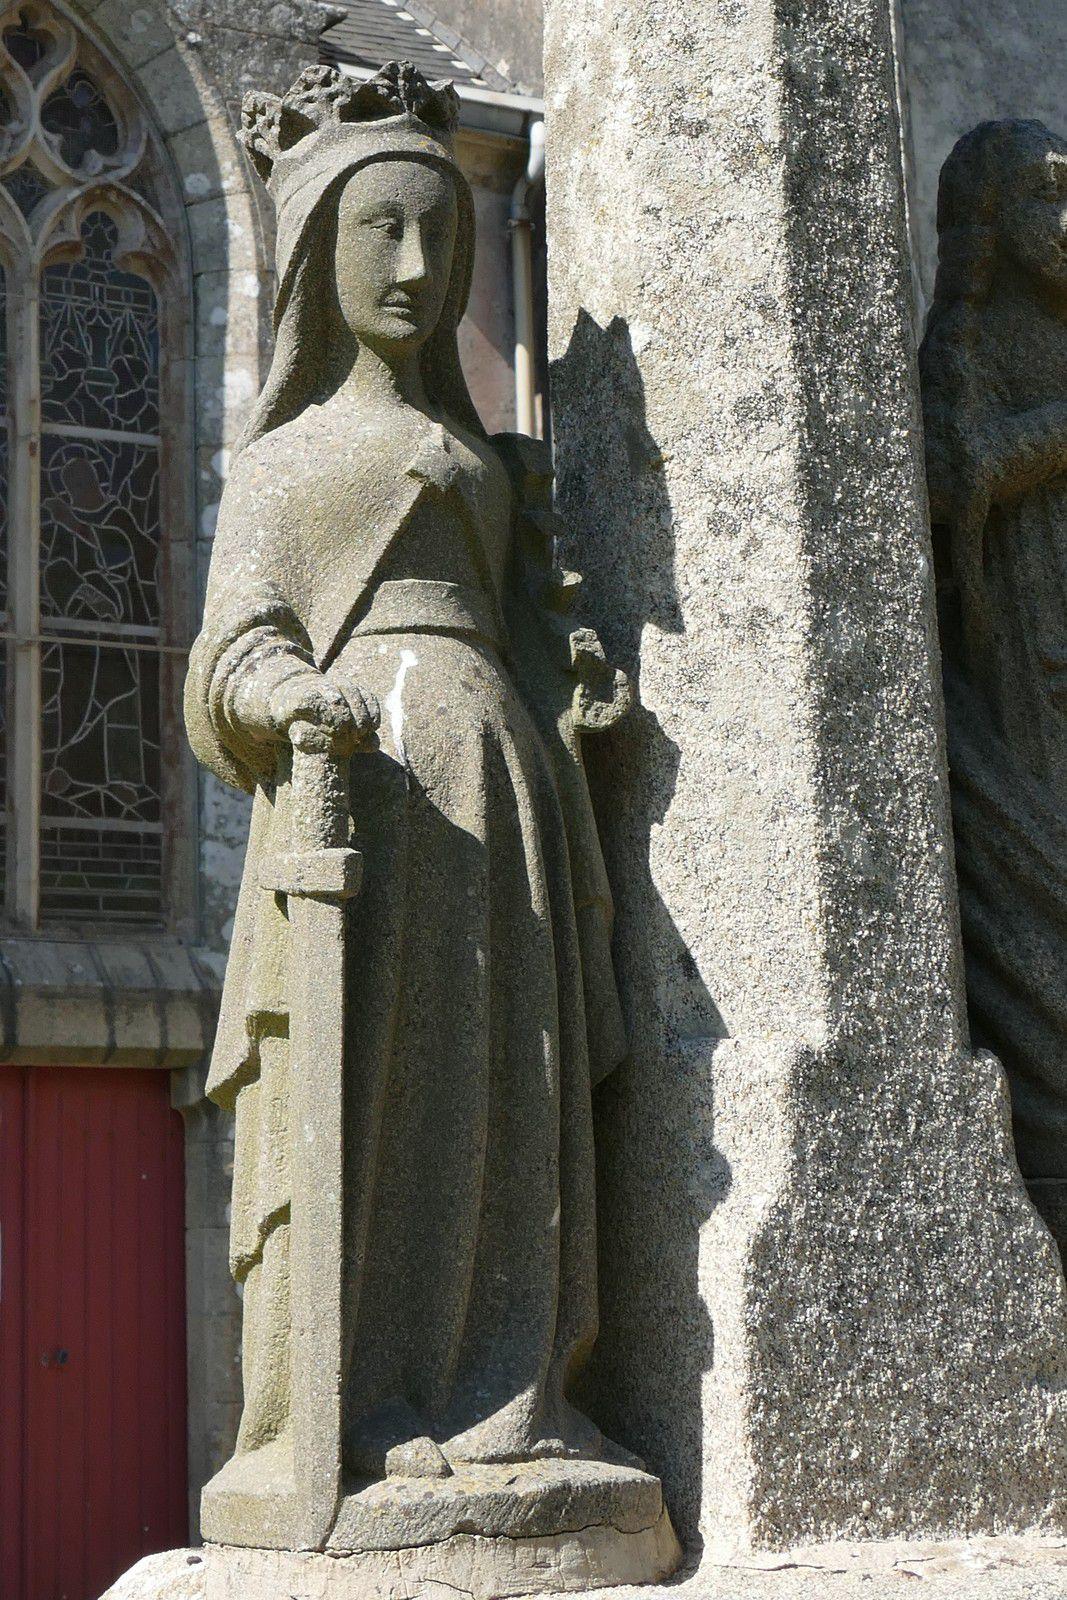 Sainte Catherine (kersanton, XVe siècle)  de Sainte-Anne-la-Palud. Photographie lavieb-aile juin 2020.